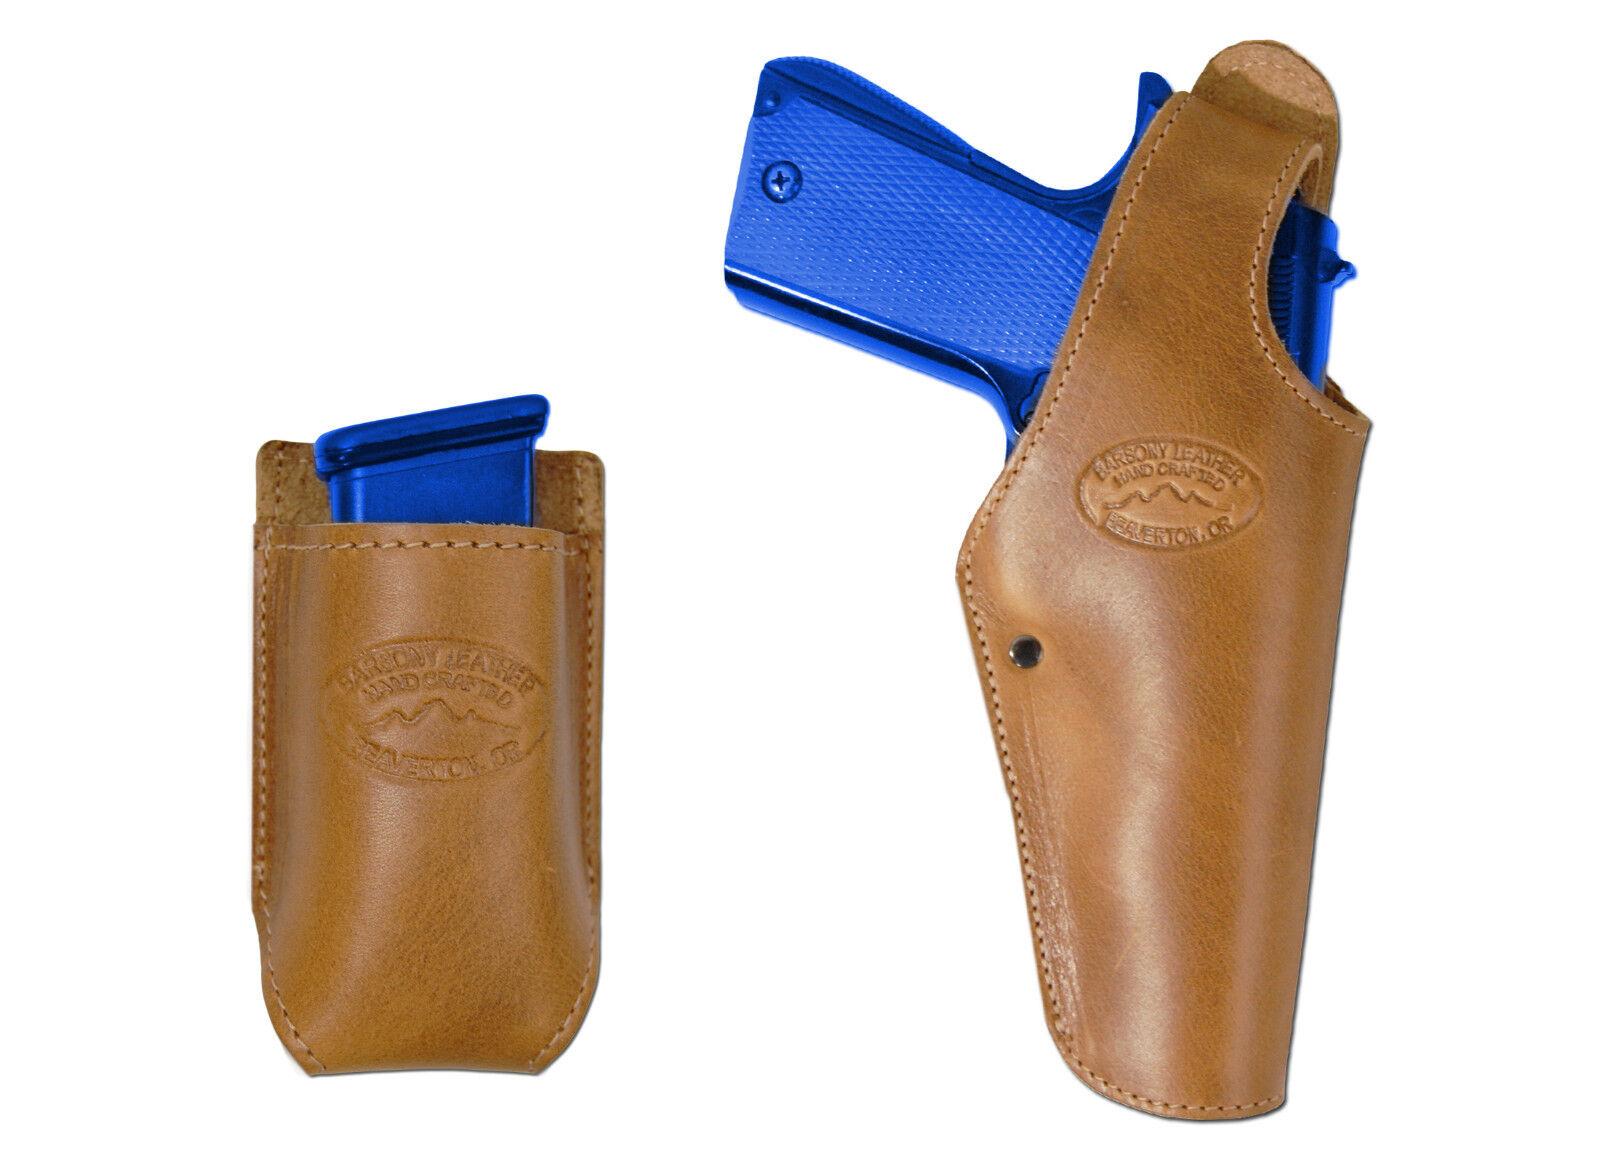 Nuevo barsony cuero tostado Owb Cartuchera + bolsa del Mag Astra Beretta de tamaño completo de 9 mm 40